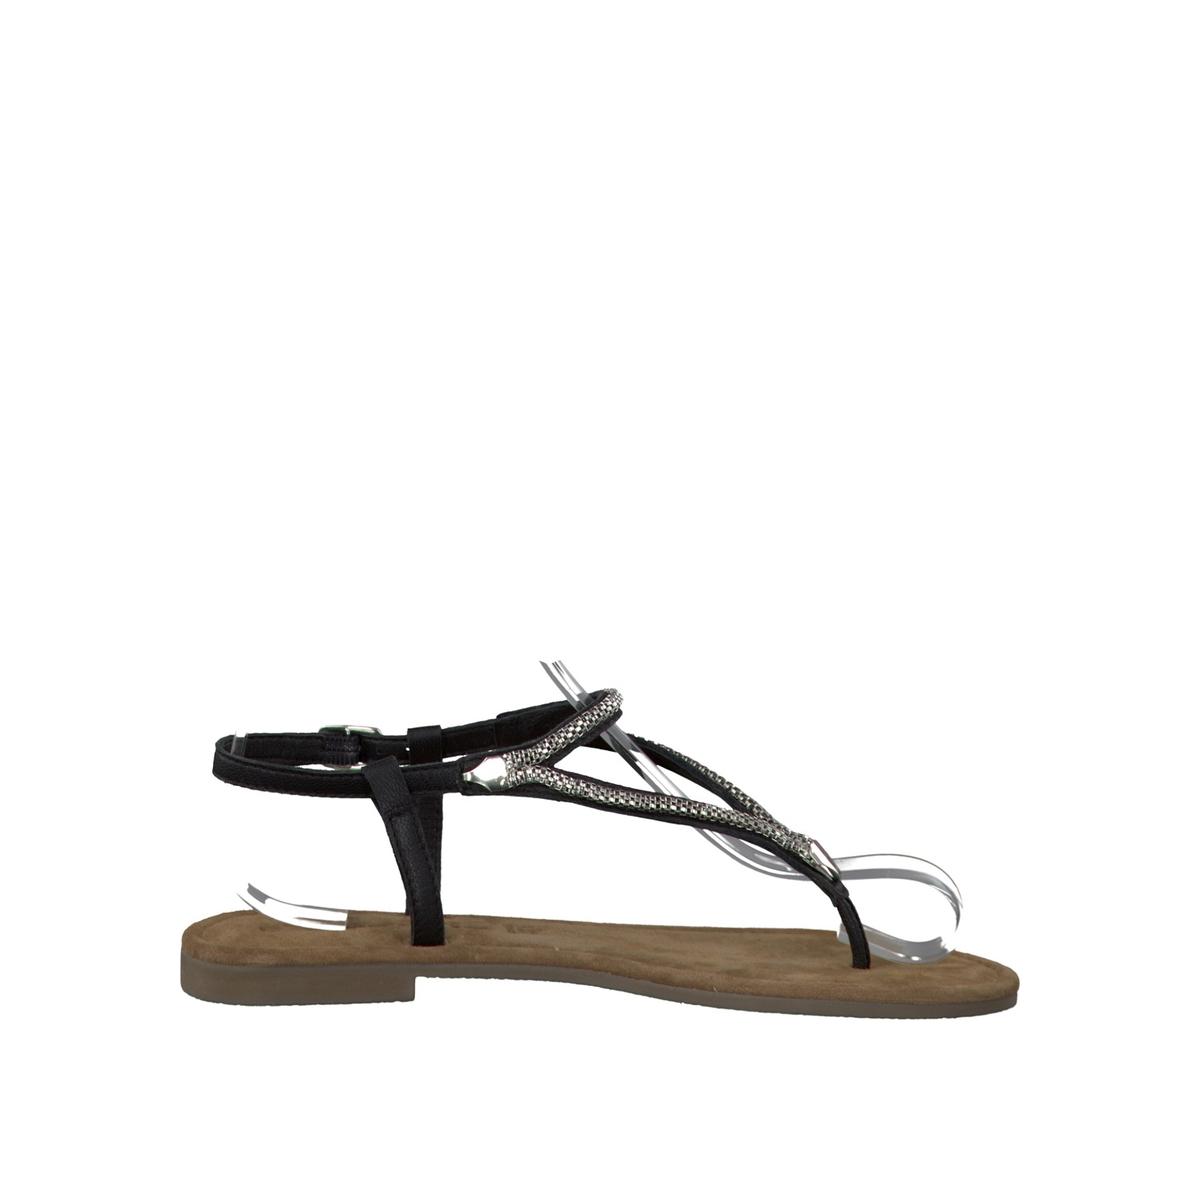 Босоножки кожаные 28111-28Верх/Голенище : кожа  Подкладка : кожа  Стелька : кожа  Подошва : синтетика  Высота каблука : 0,5 см  Форма каблука : плоский каблук  Мысок : закругленный мысок  Застежка : пряжка<br><br>Цвет: черный